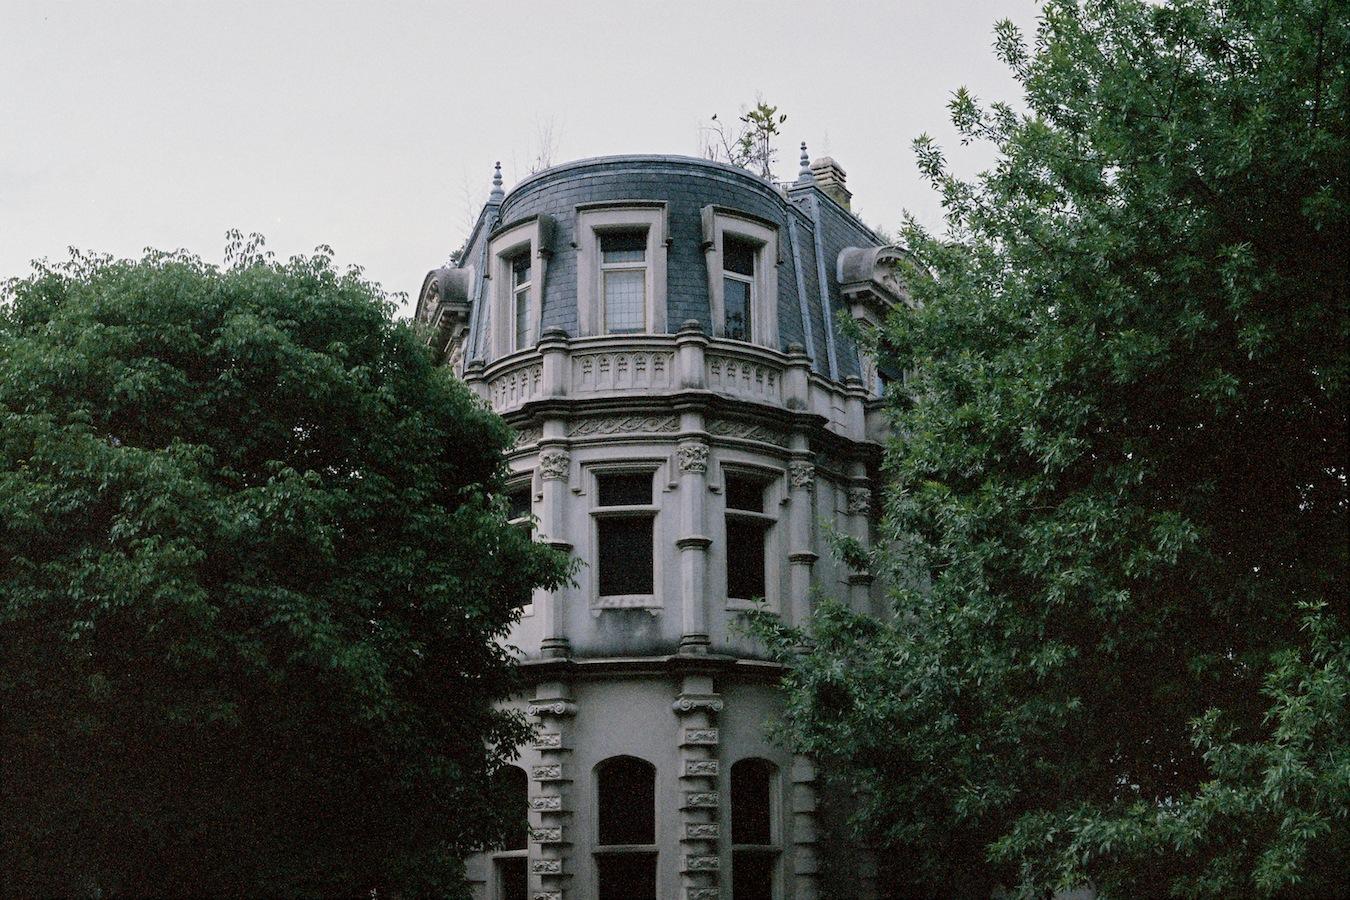 http://lafilladelfotografu.irenavisa.com/files/gimgs/88_f1020016-1.jpg